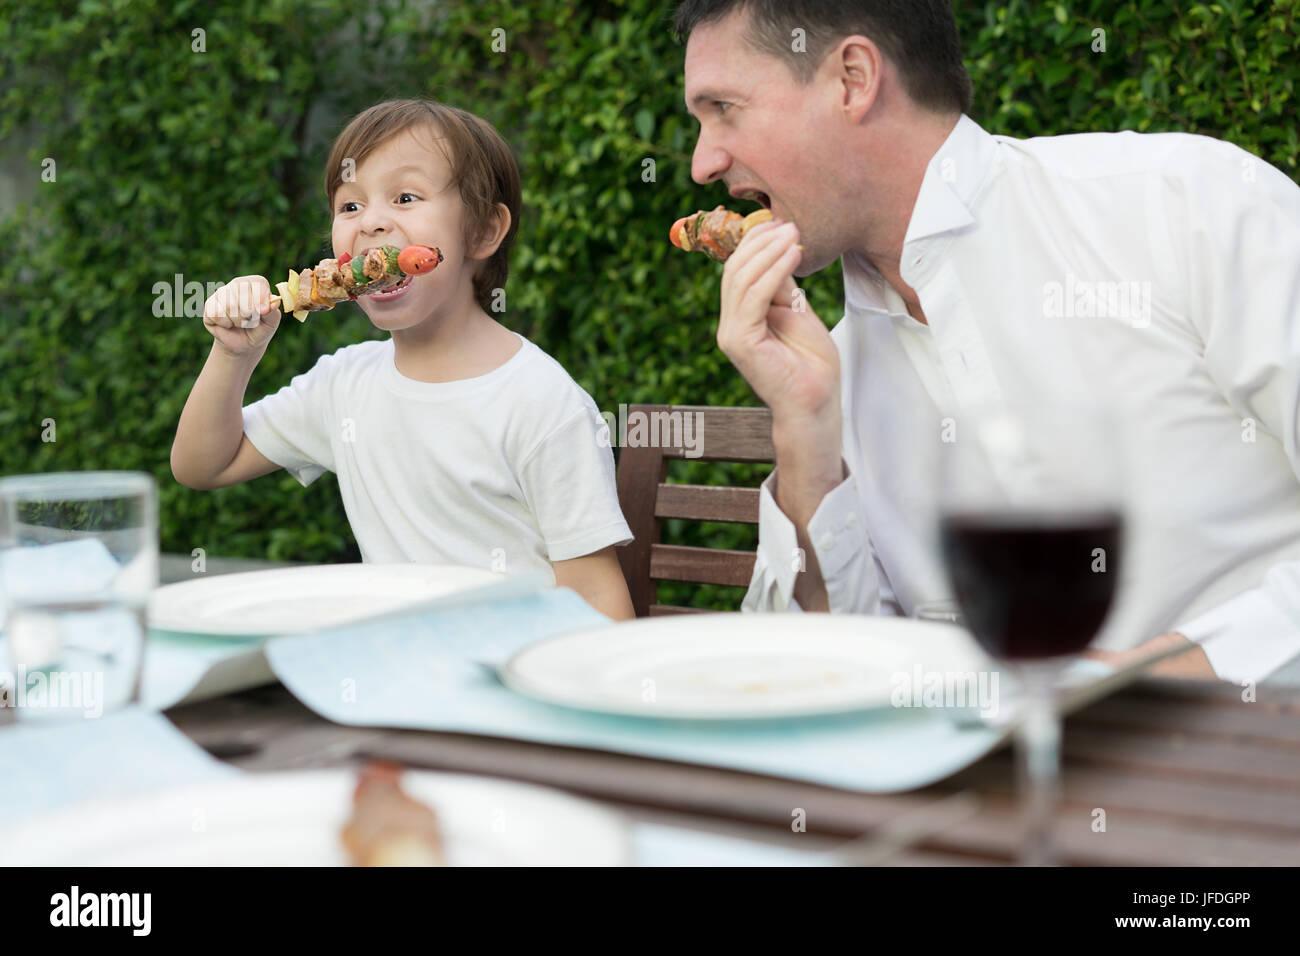 Vater mit kleinen Bcute jungen Grill in Familie Mittagessen Zeit zu Hause zu essen. Stockbild